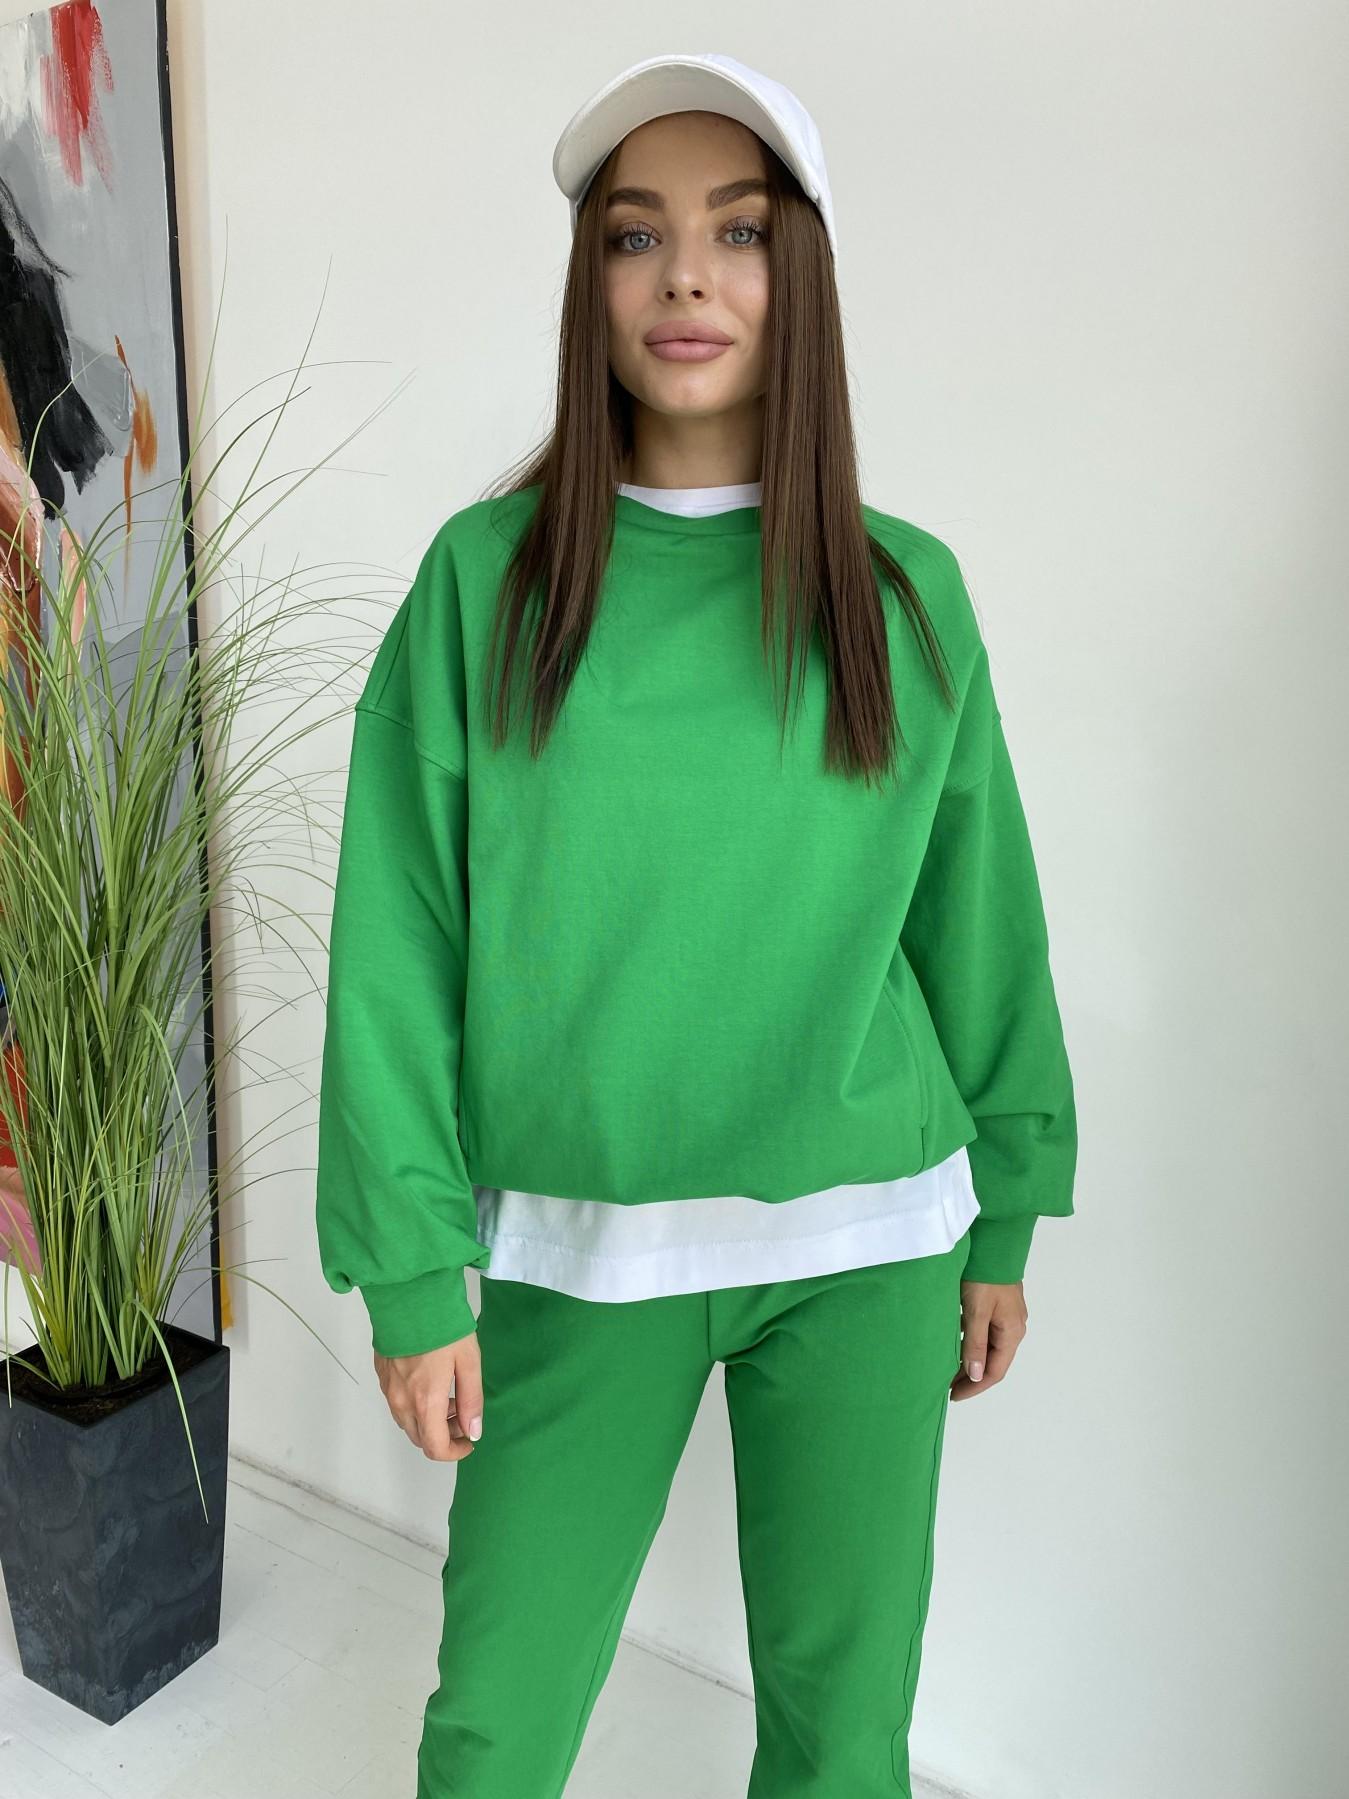 Фарт 4 костюм трикотажный 2х нитка из вискозы 11363 АРТ. 48020 Цвет: ЗеленыйТравка/Белый - фото 7, интернет магазин tm-modus.ru